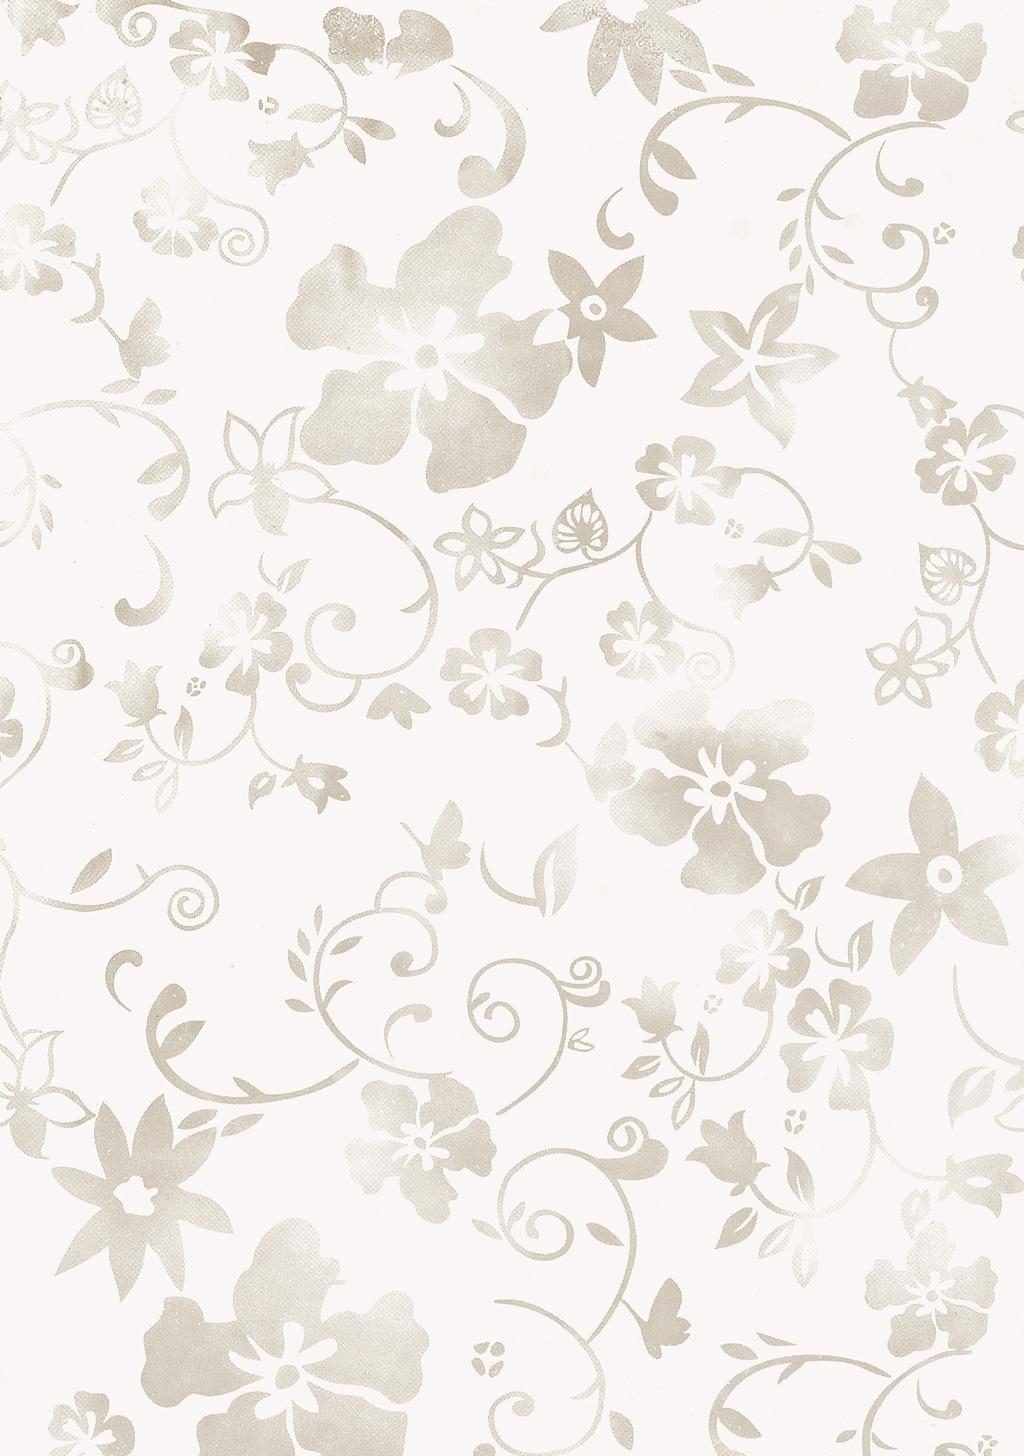 东鹏瓷砖翡翠石系列LN45111H12LN45111H12